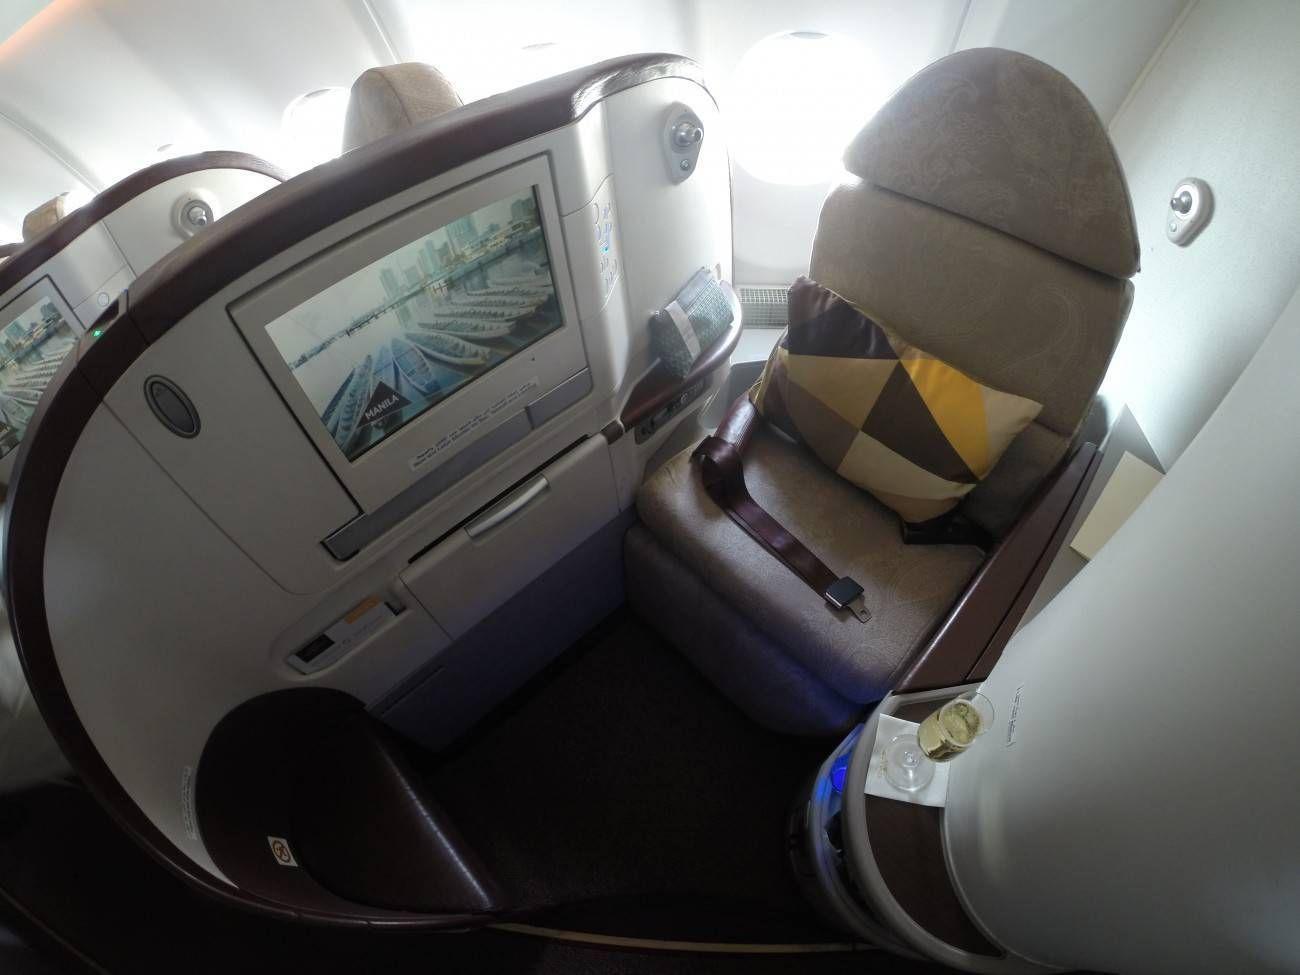 Jet-Airways-A330-Business-Class-Etihad-Passageirodeprimeira-01-1300x975